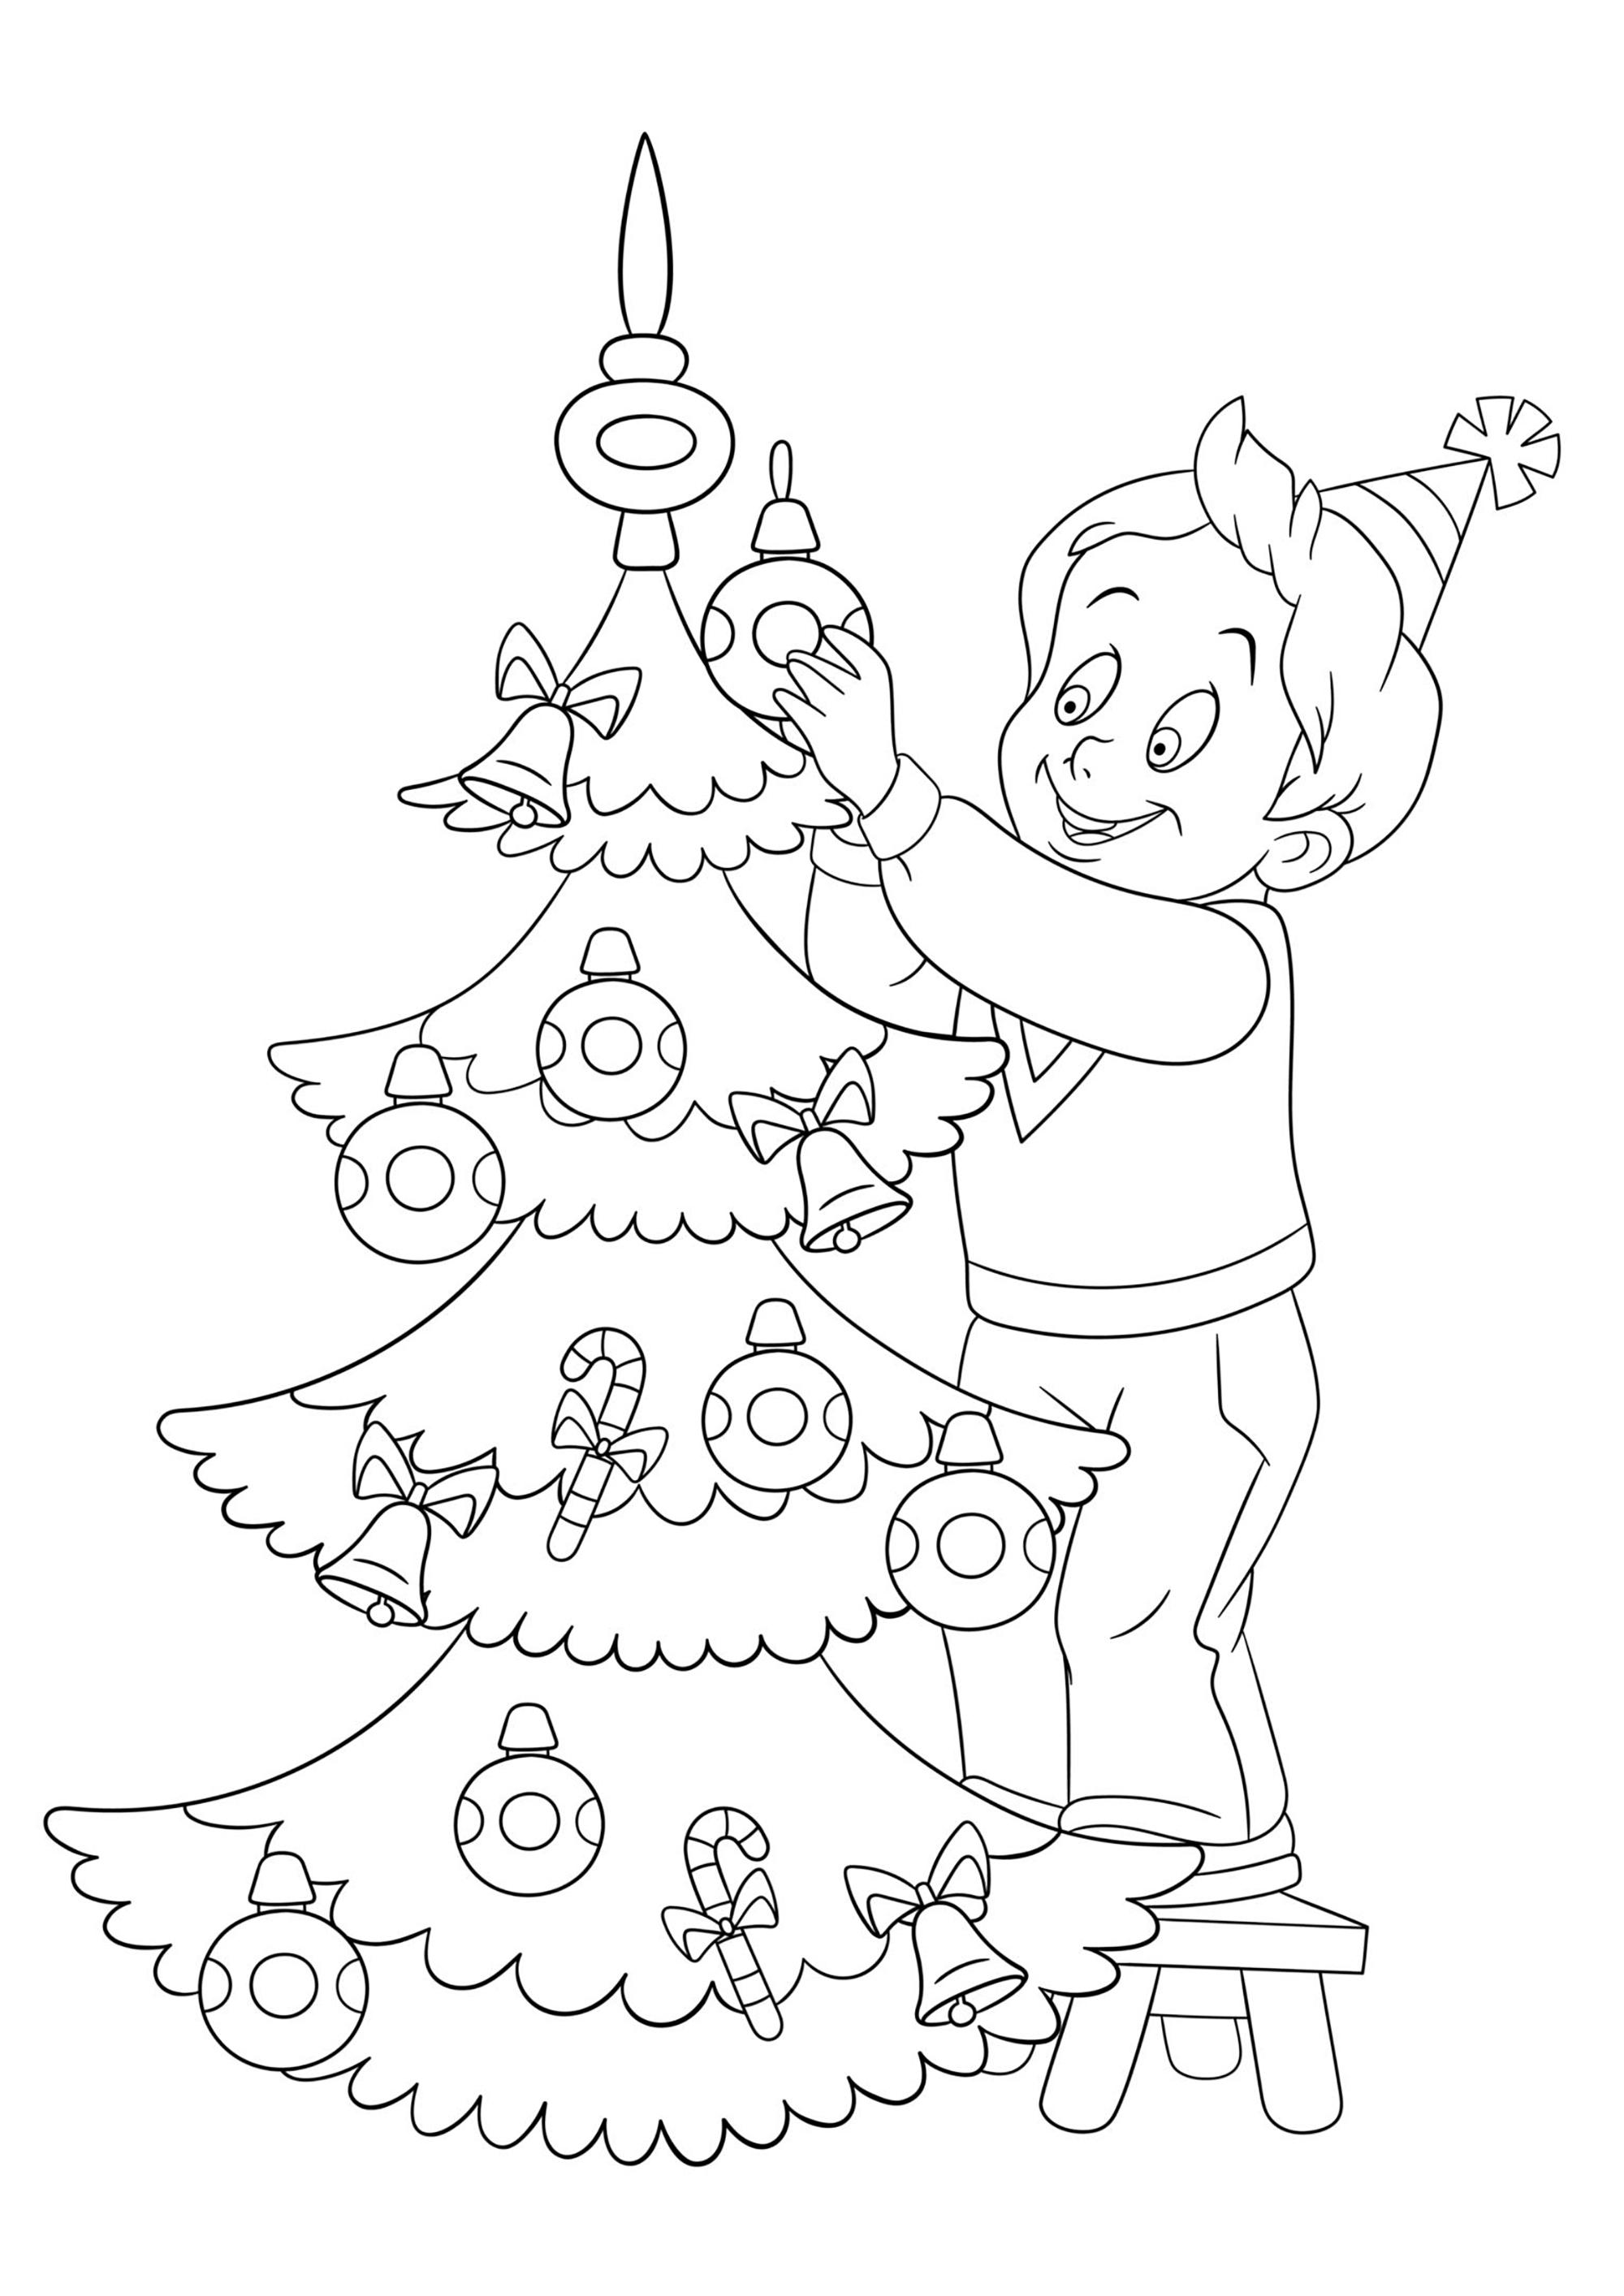 Sapin de Noël - Coloriages de Noël - Coloriages pour enfants